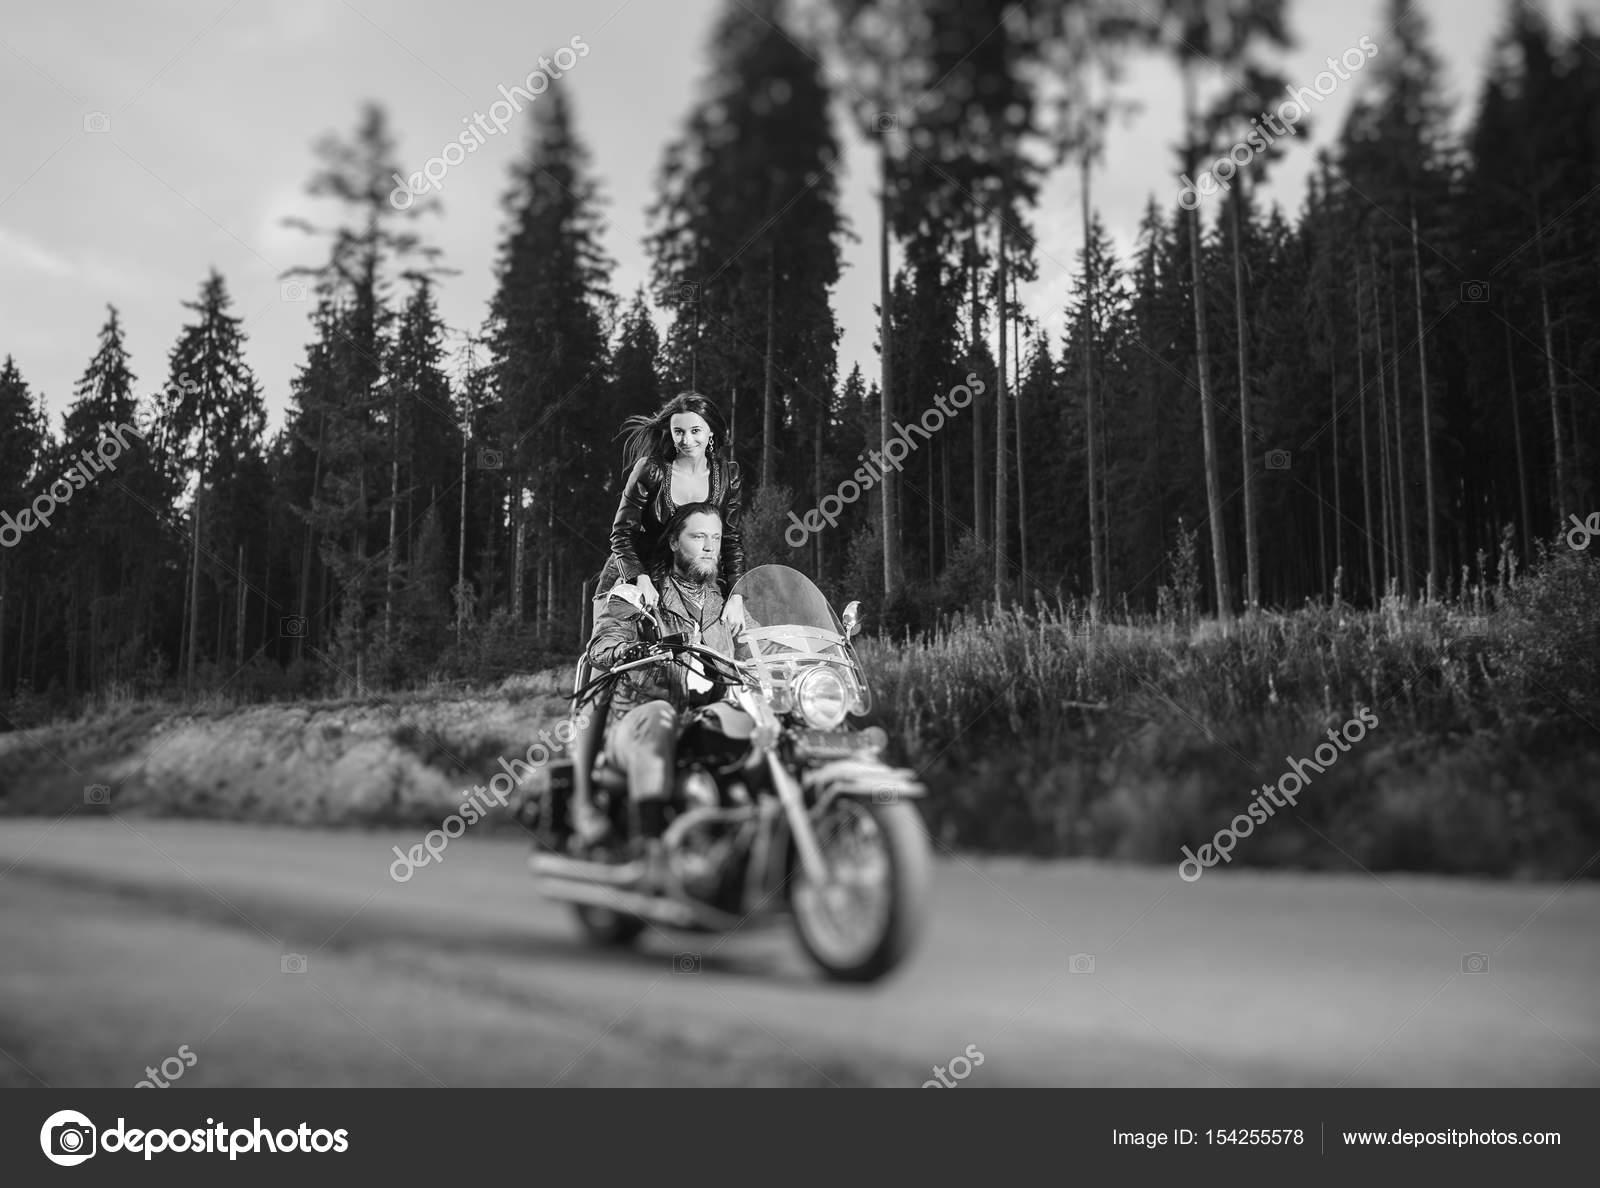 Moto conduite debout